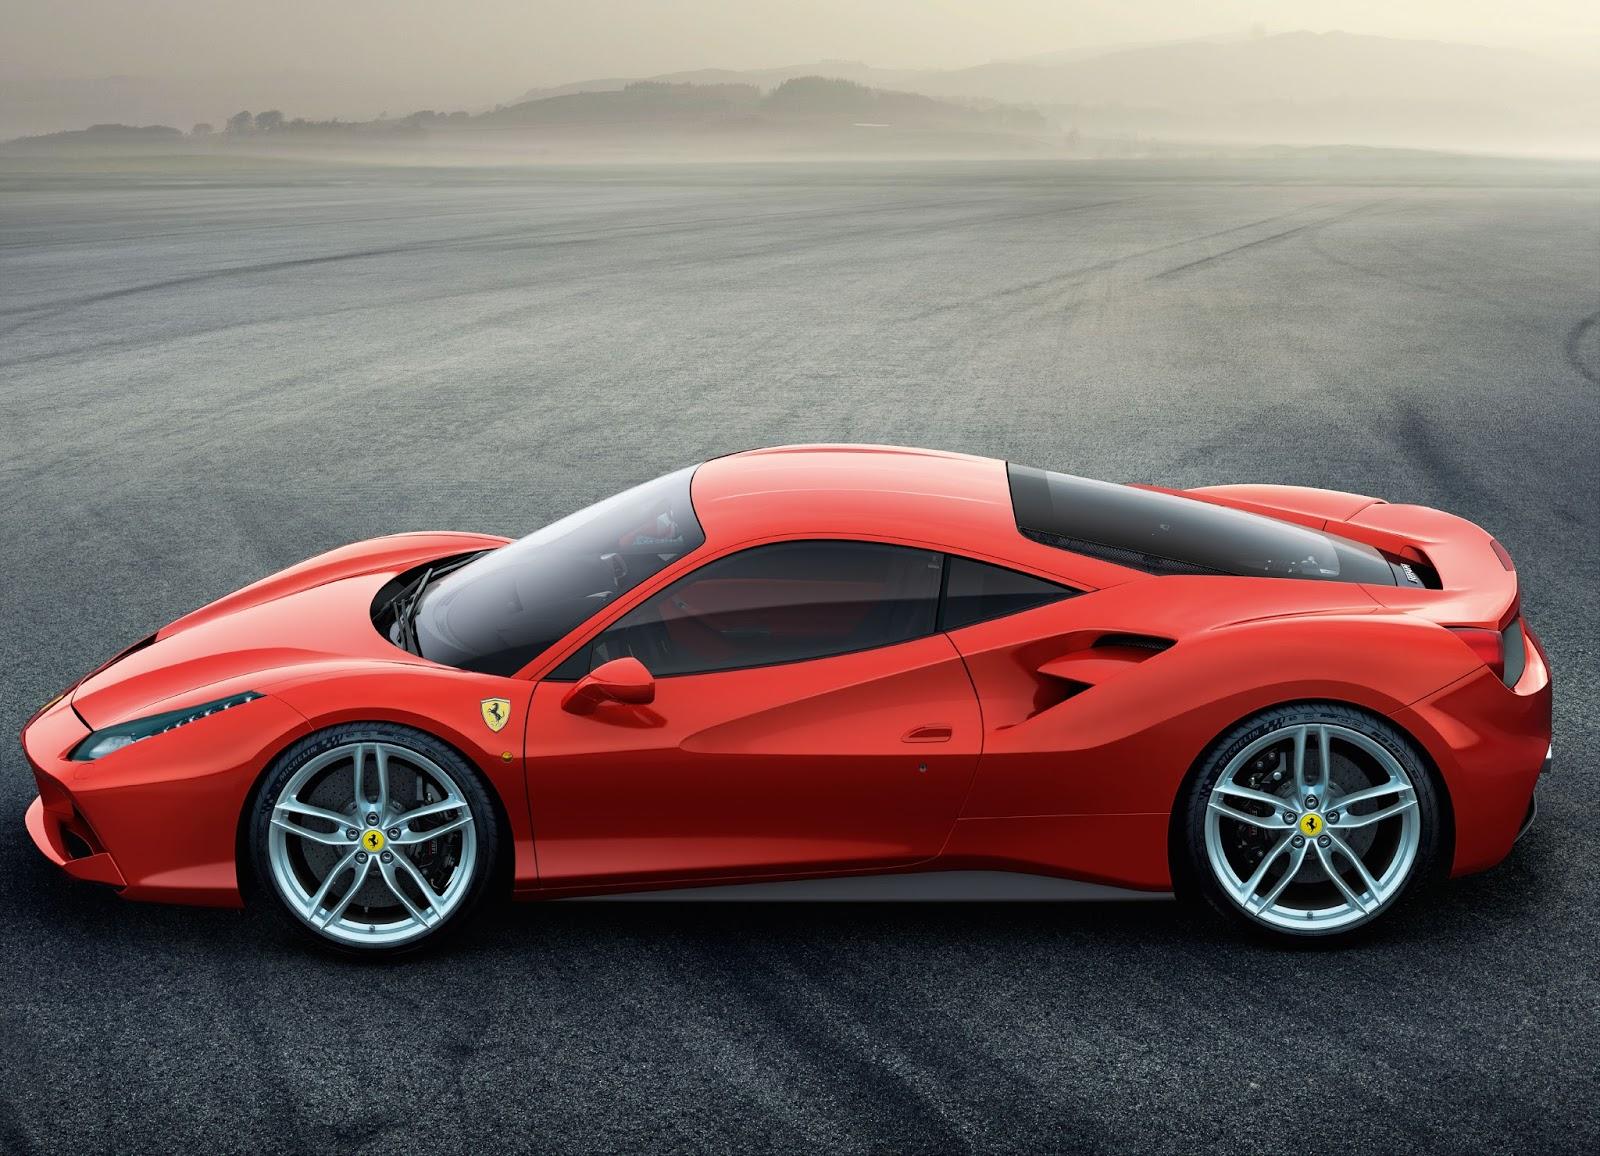 ferrari 488 gtb 6 Ferrari 488 GTB: ταχύτατους γύρους στην πίστα για τον επαγγελματία οδηγό, συναρπαστική ακόμα και για τον μέσο οδηγό στο δρόμο 488 GTB, Ferrari, Ferrari 488 GTB, SSC2, supercars, videos, zblog